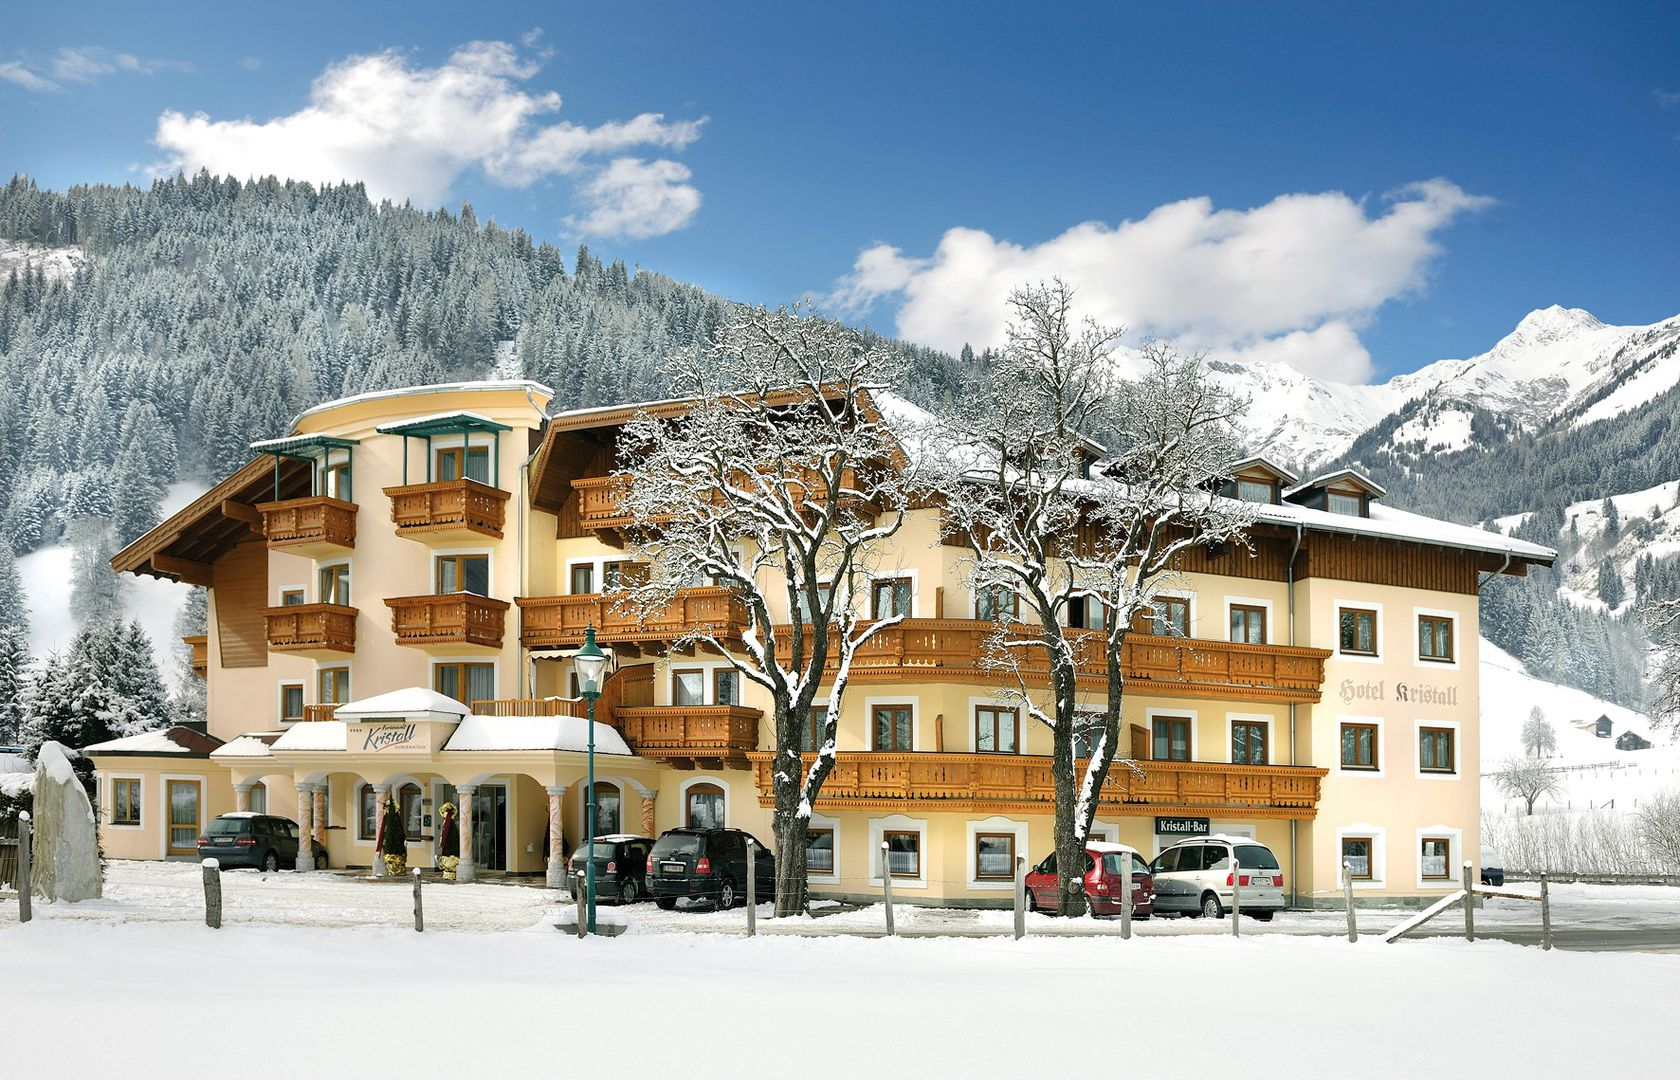 Hotel Ferienwelt Kristall - Slide 1